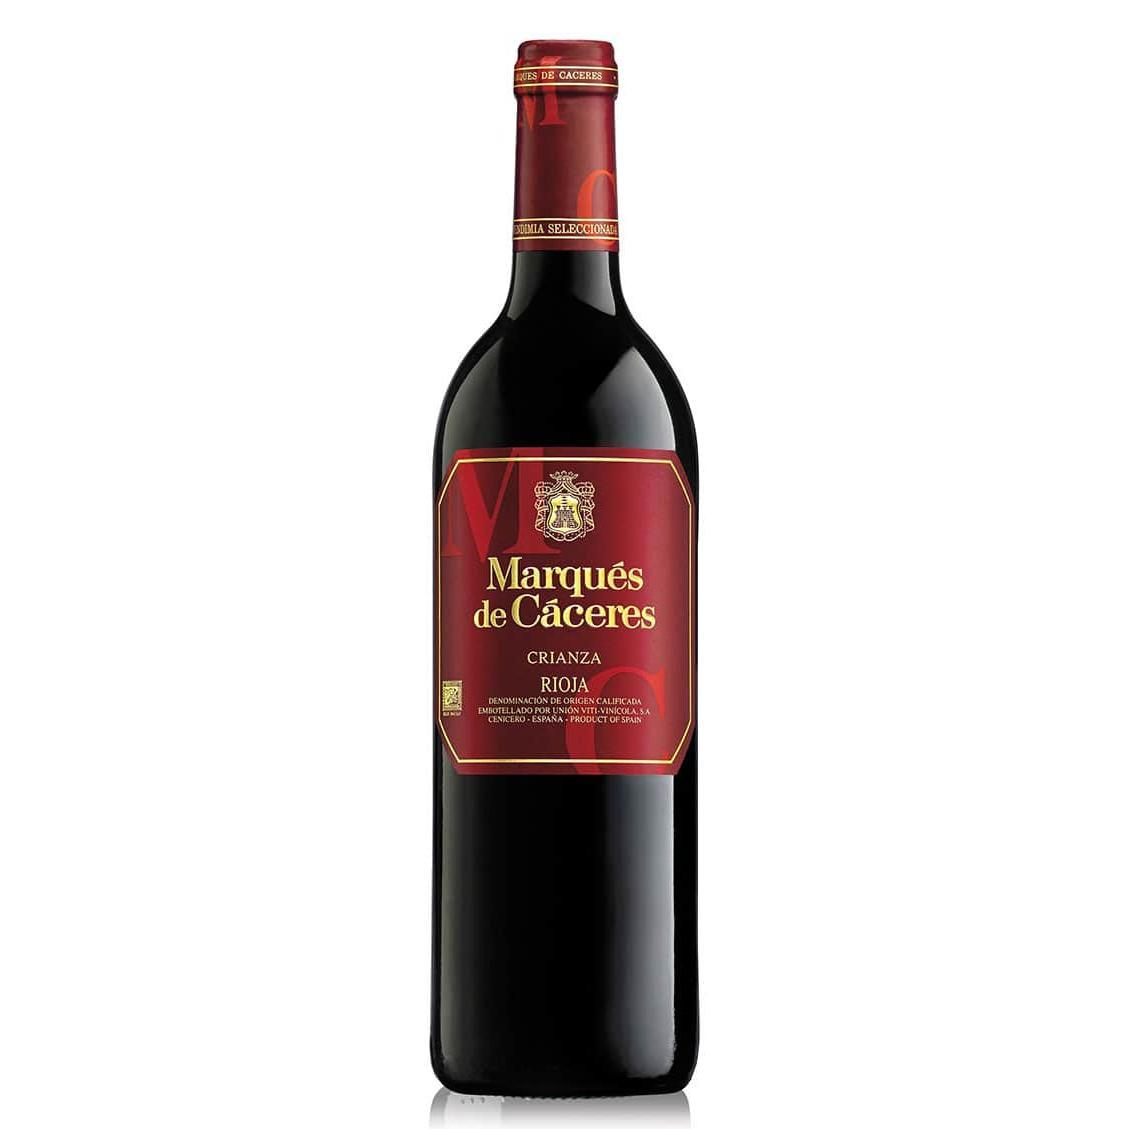 Buy Marques De Caceres Crianza 2016 Red Wine Online